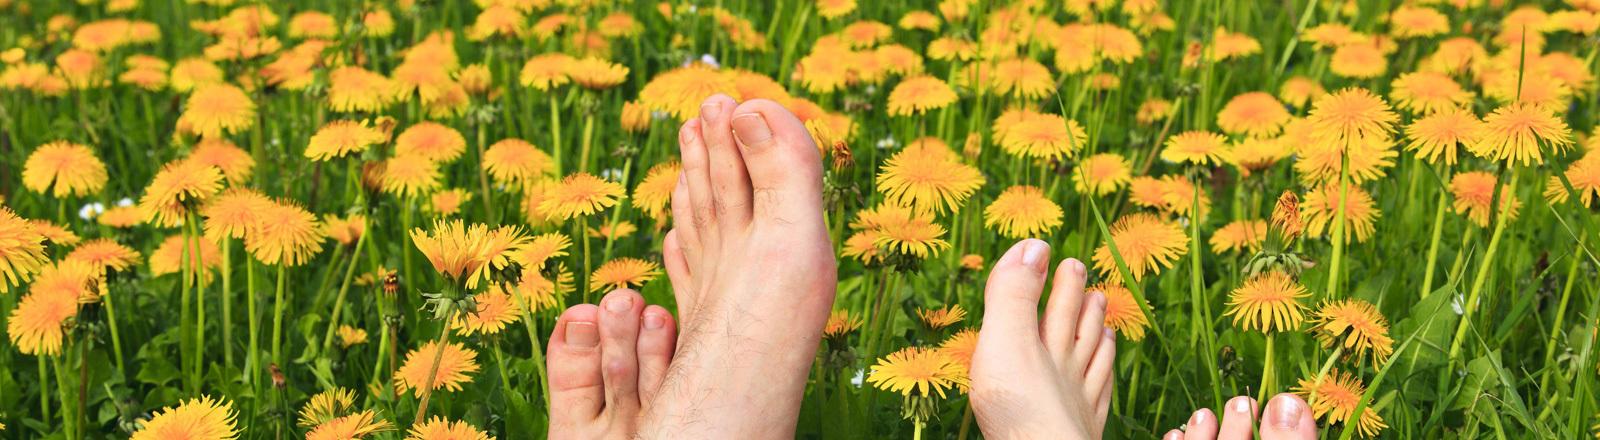 Ein Männer- und ein Frauenpaar Füße in einer Frühlingswiese